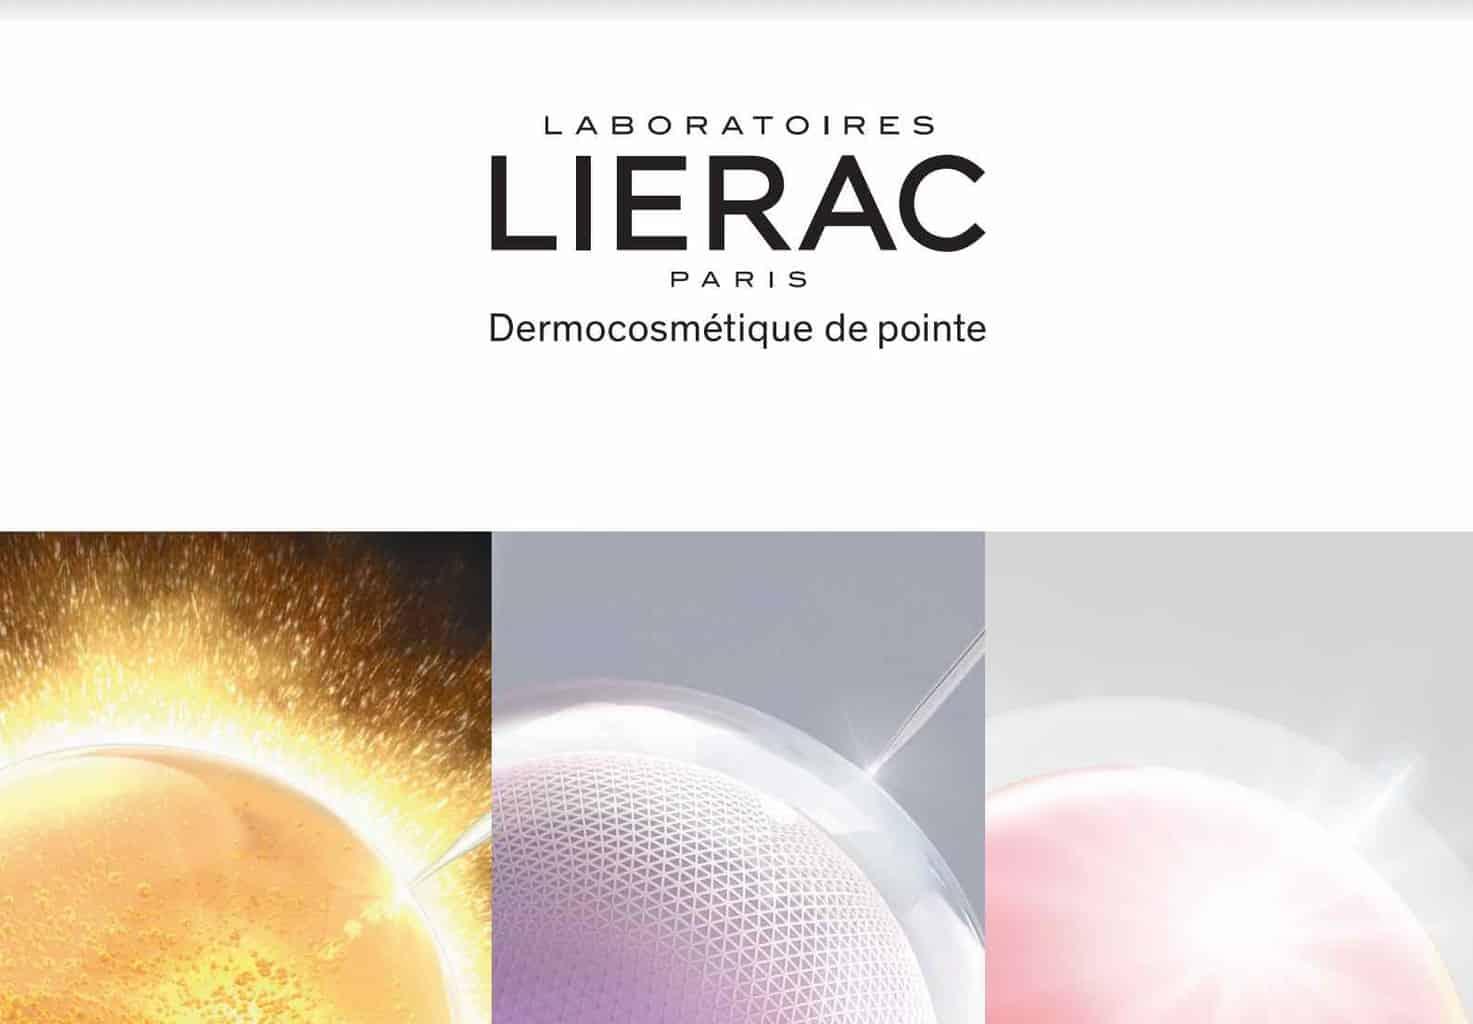 New Lierac Range Showcased at Signau Haus Zurich